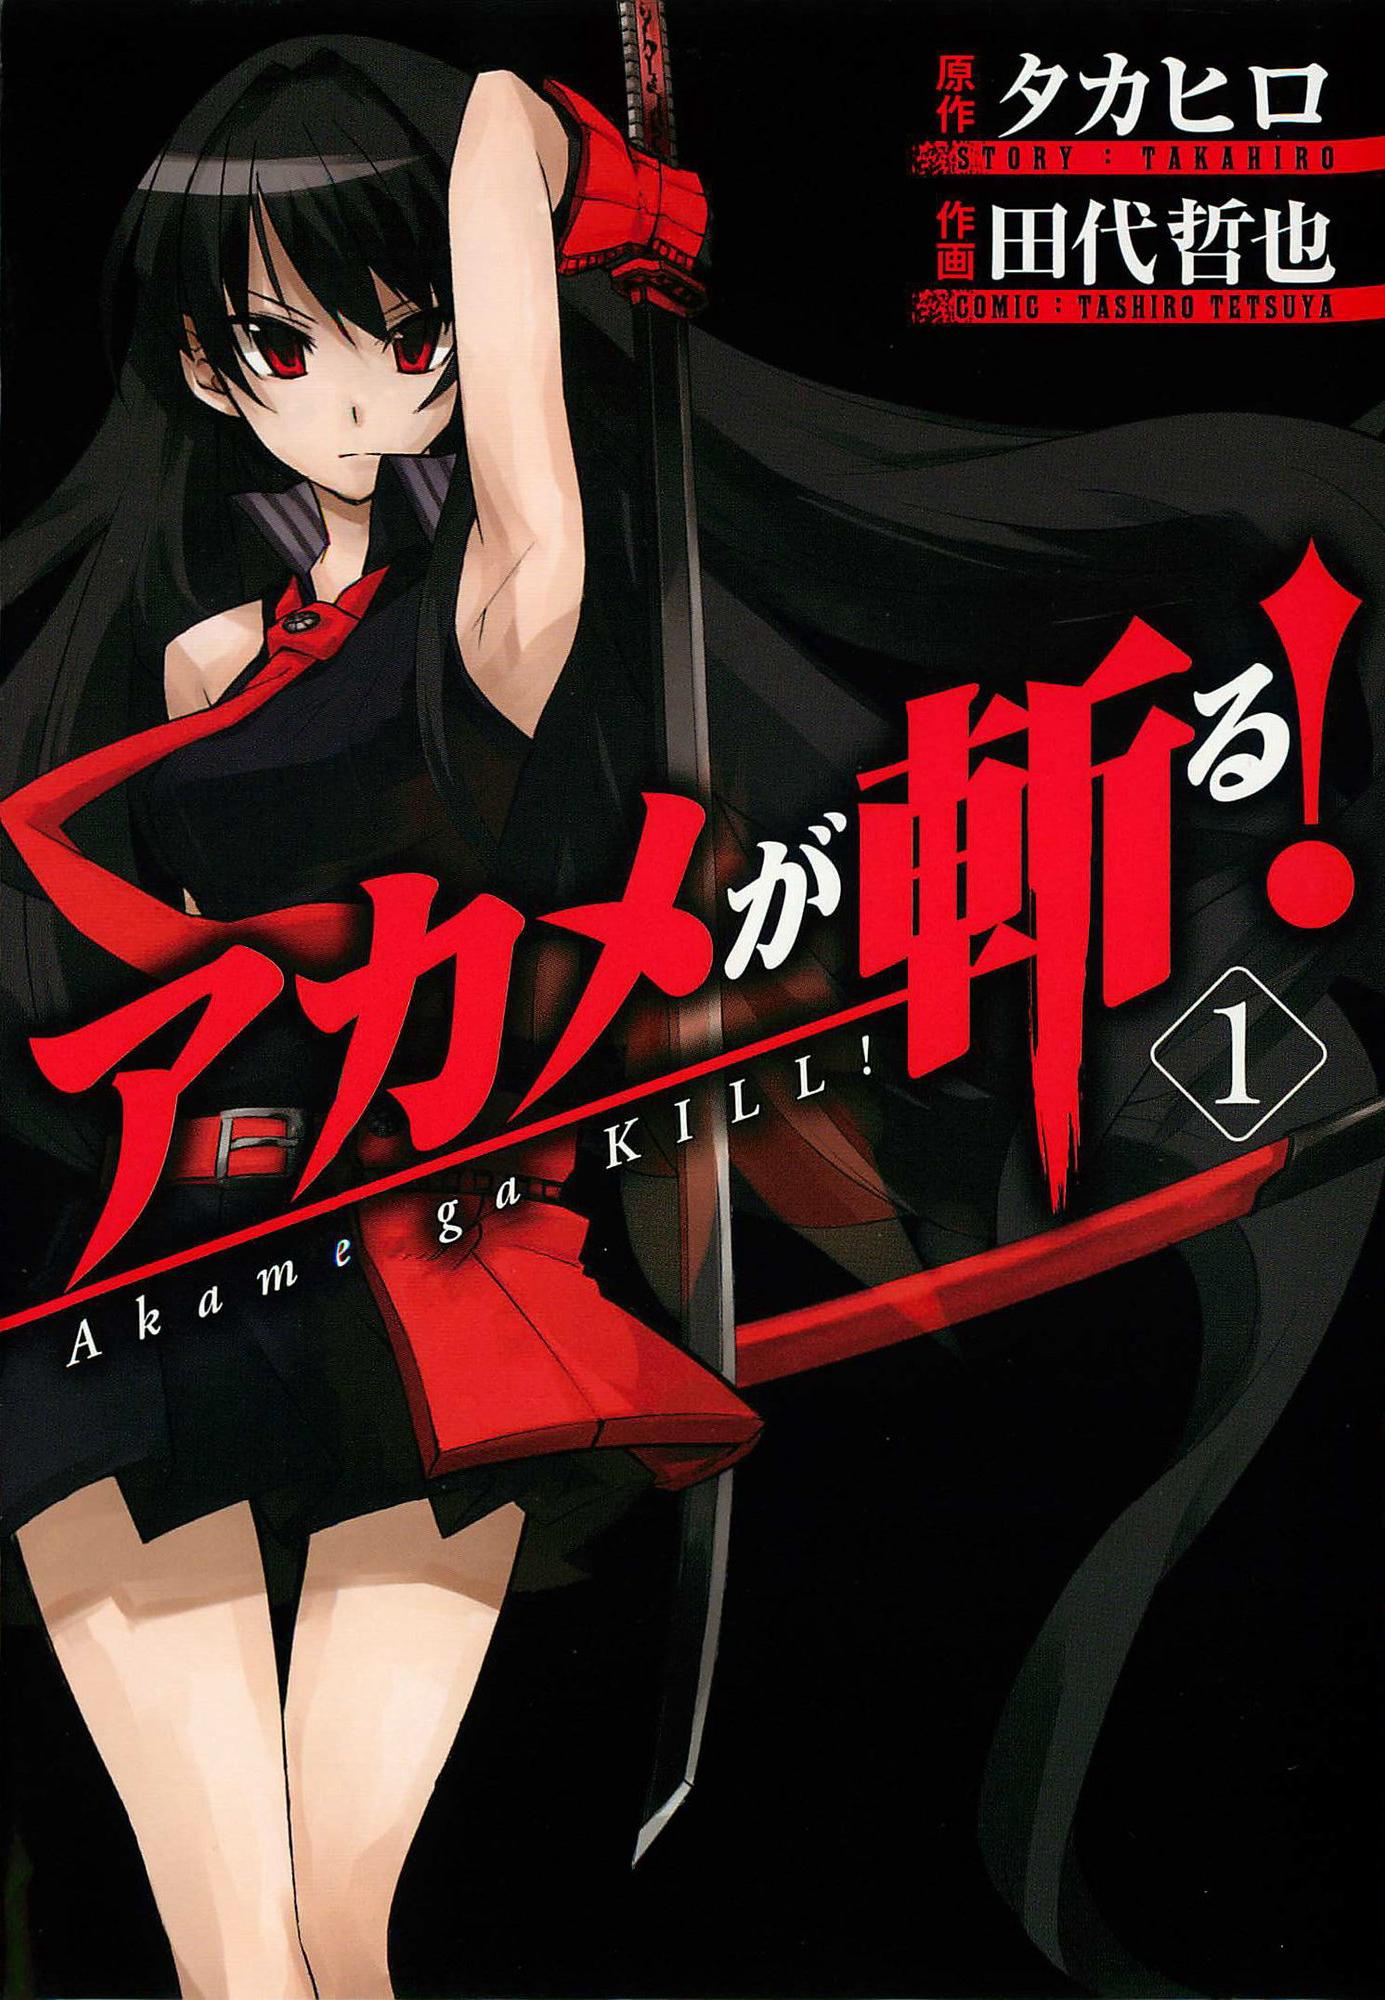 Image result for akame ga kill manga cover